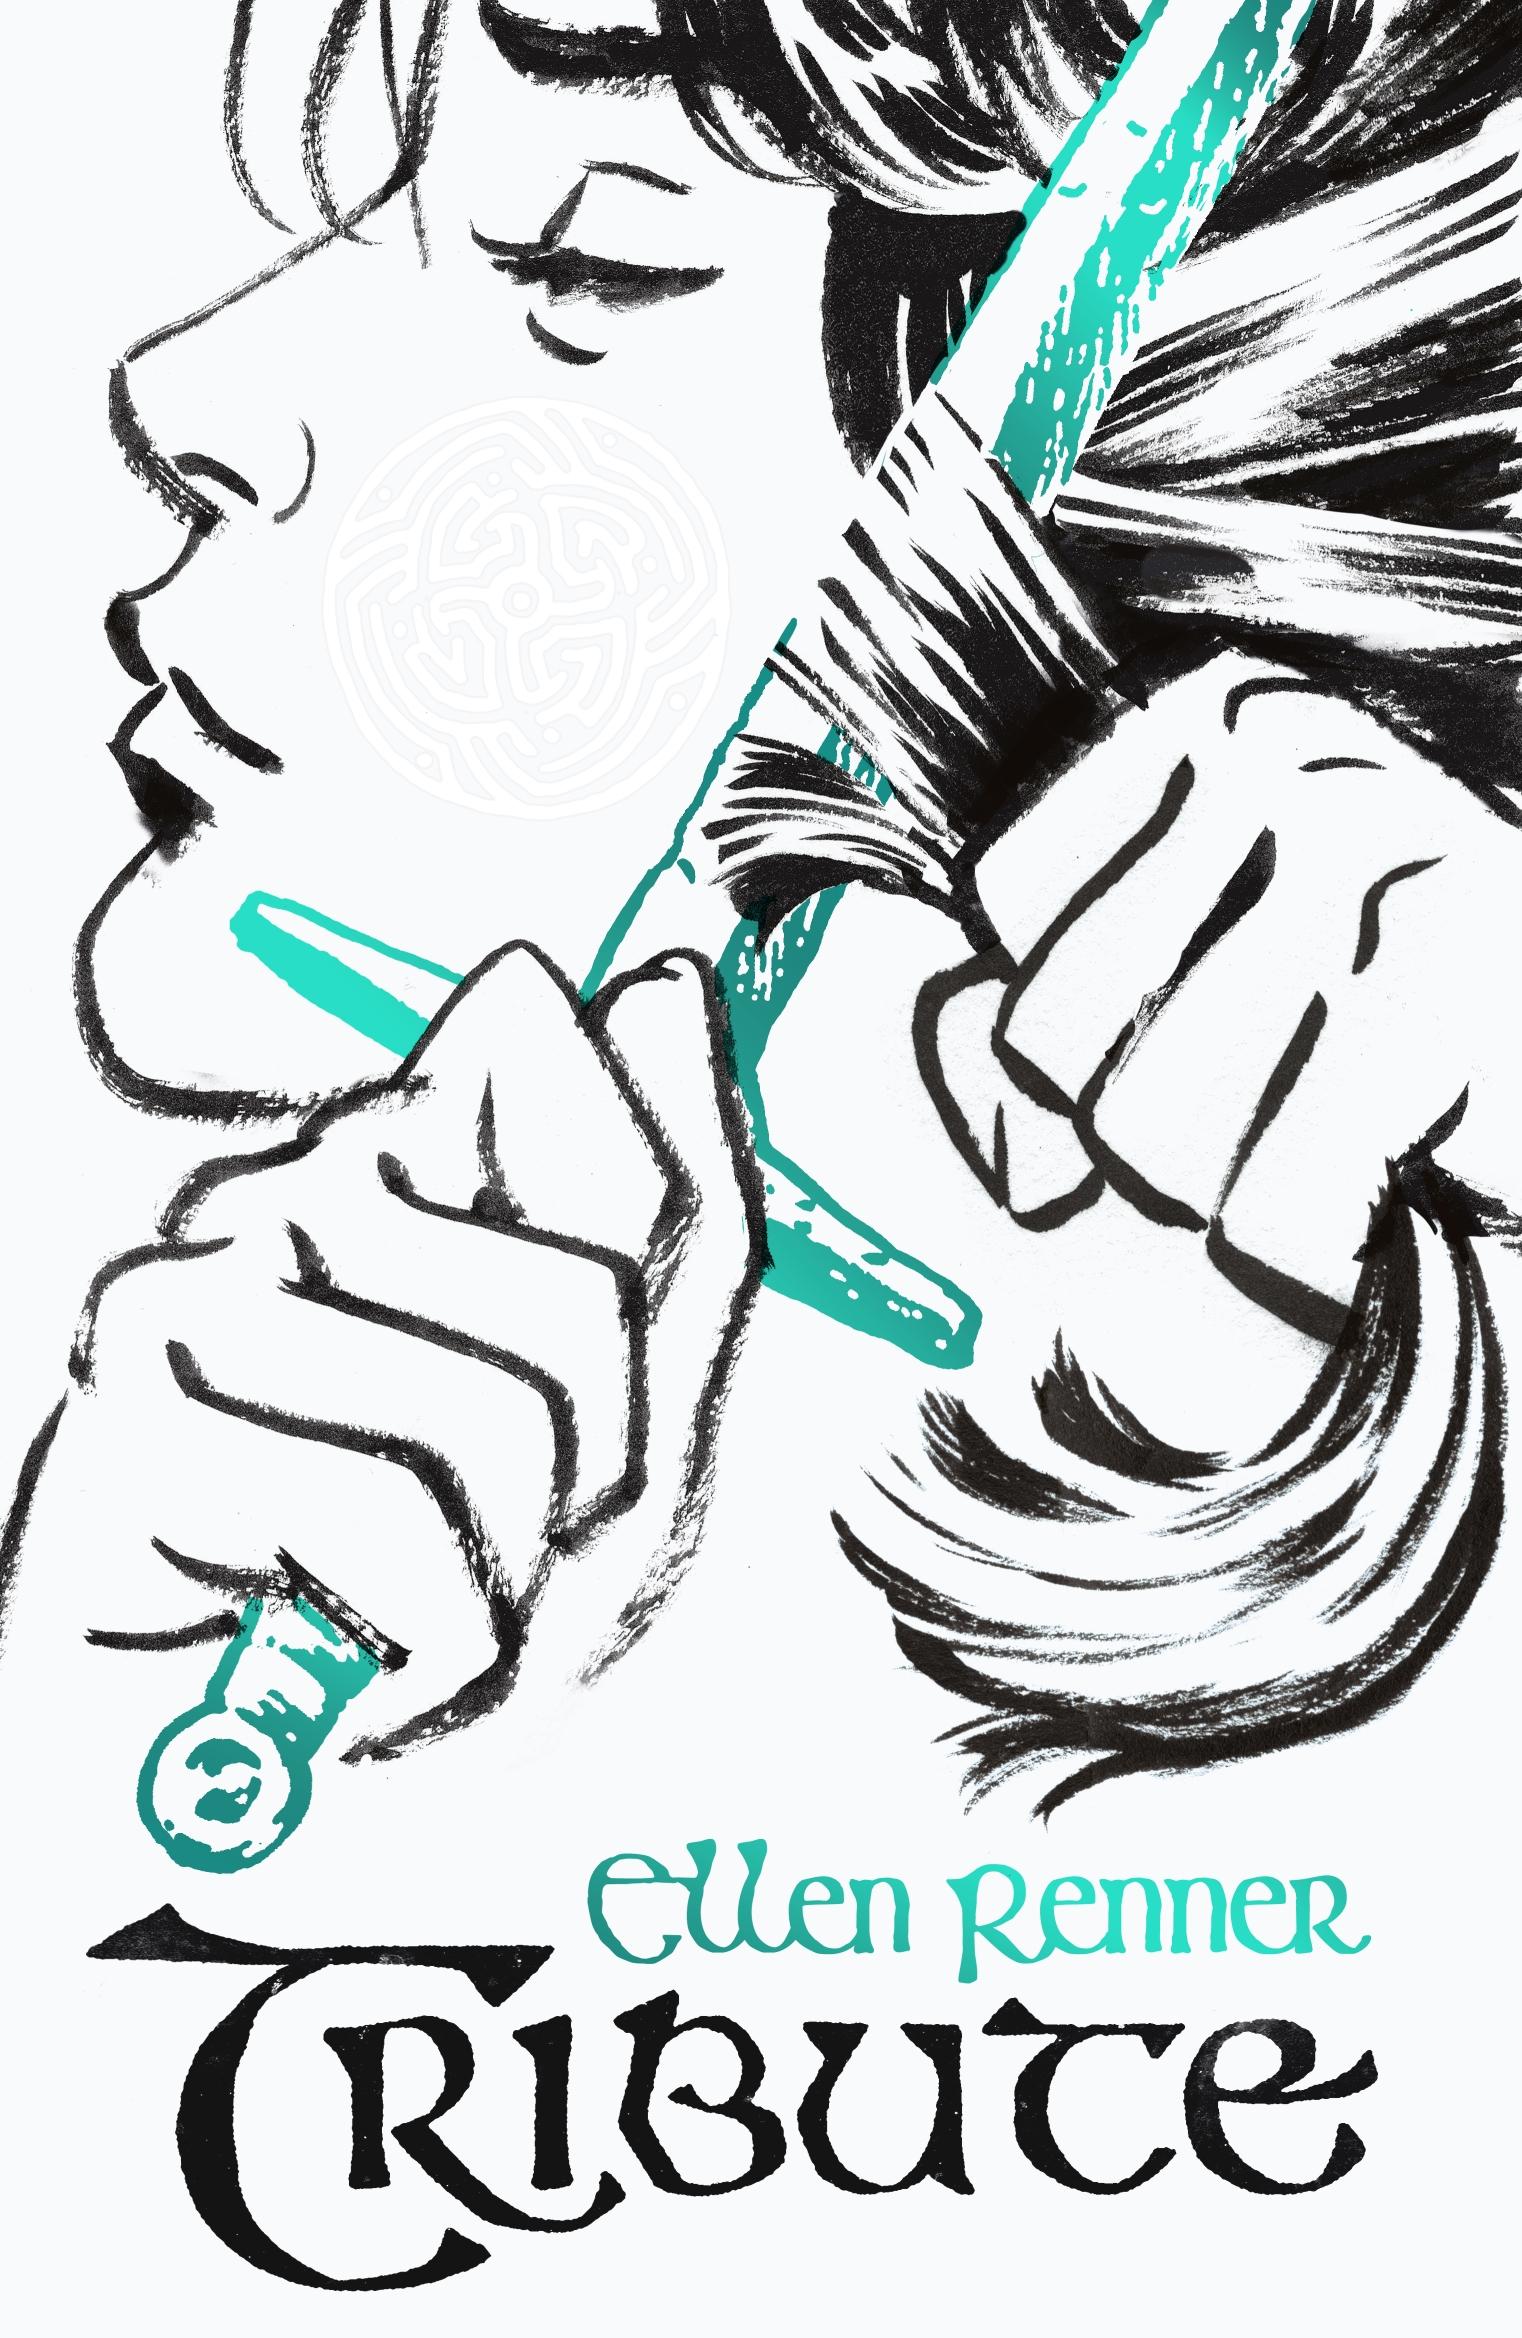 Tribute by Ellen Renner